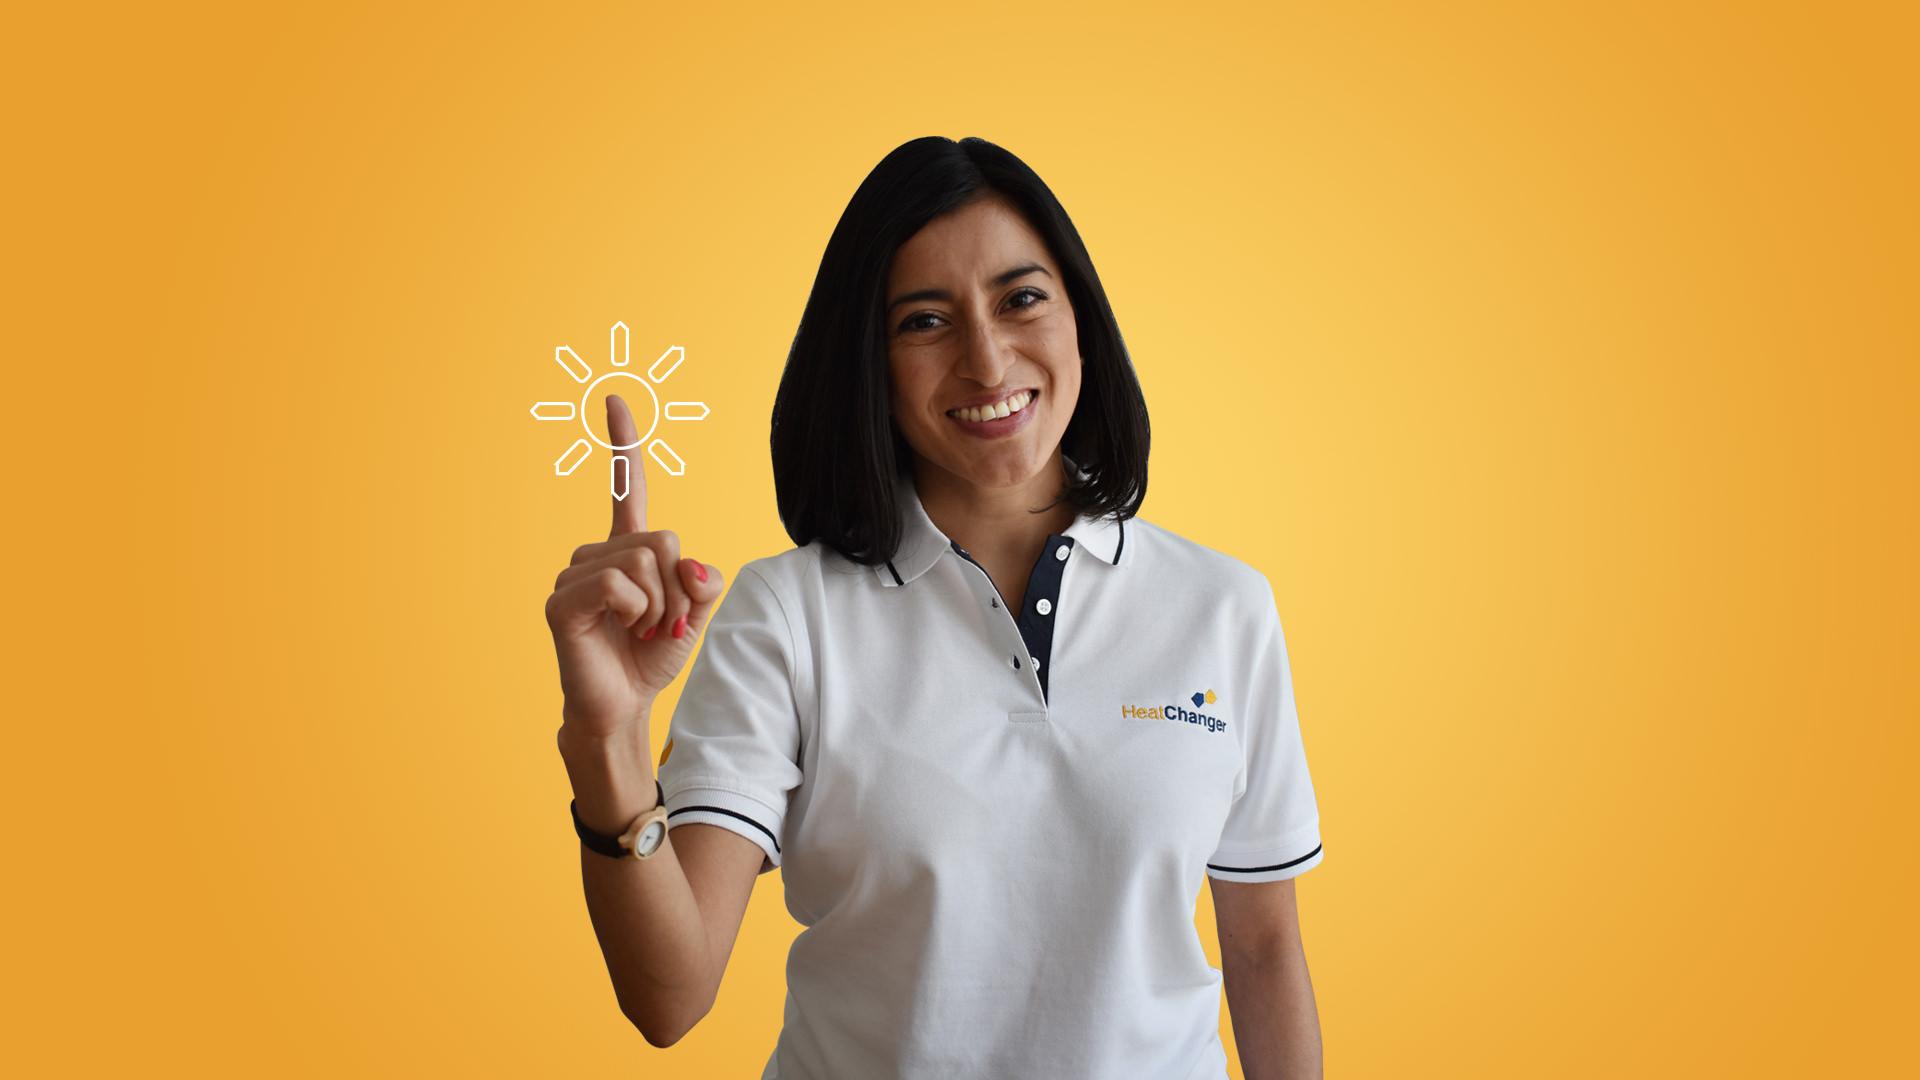 Marisol Oropeza